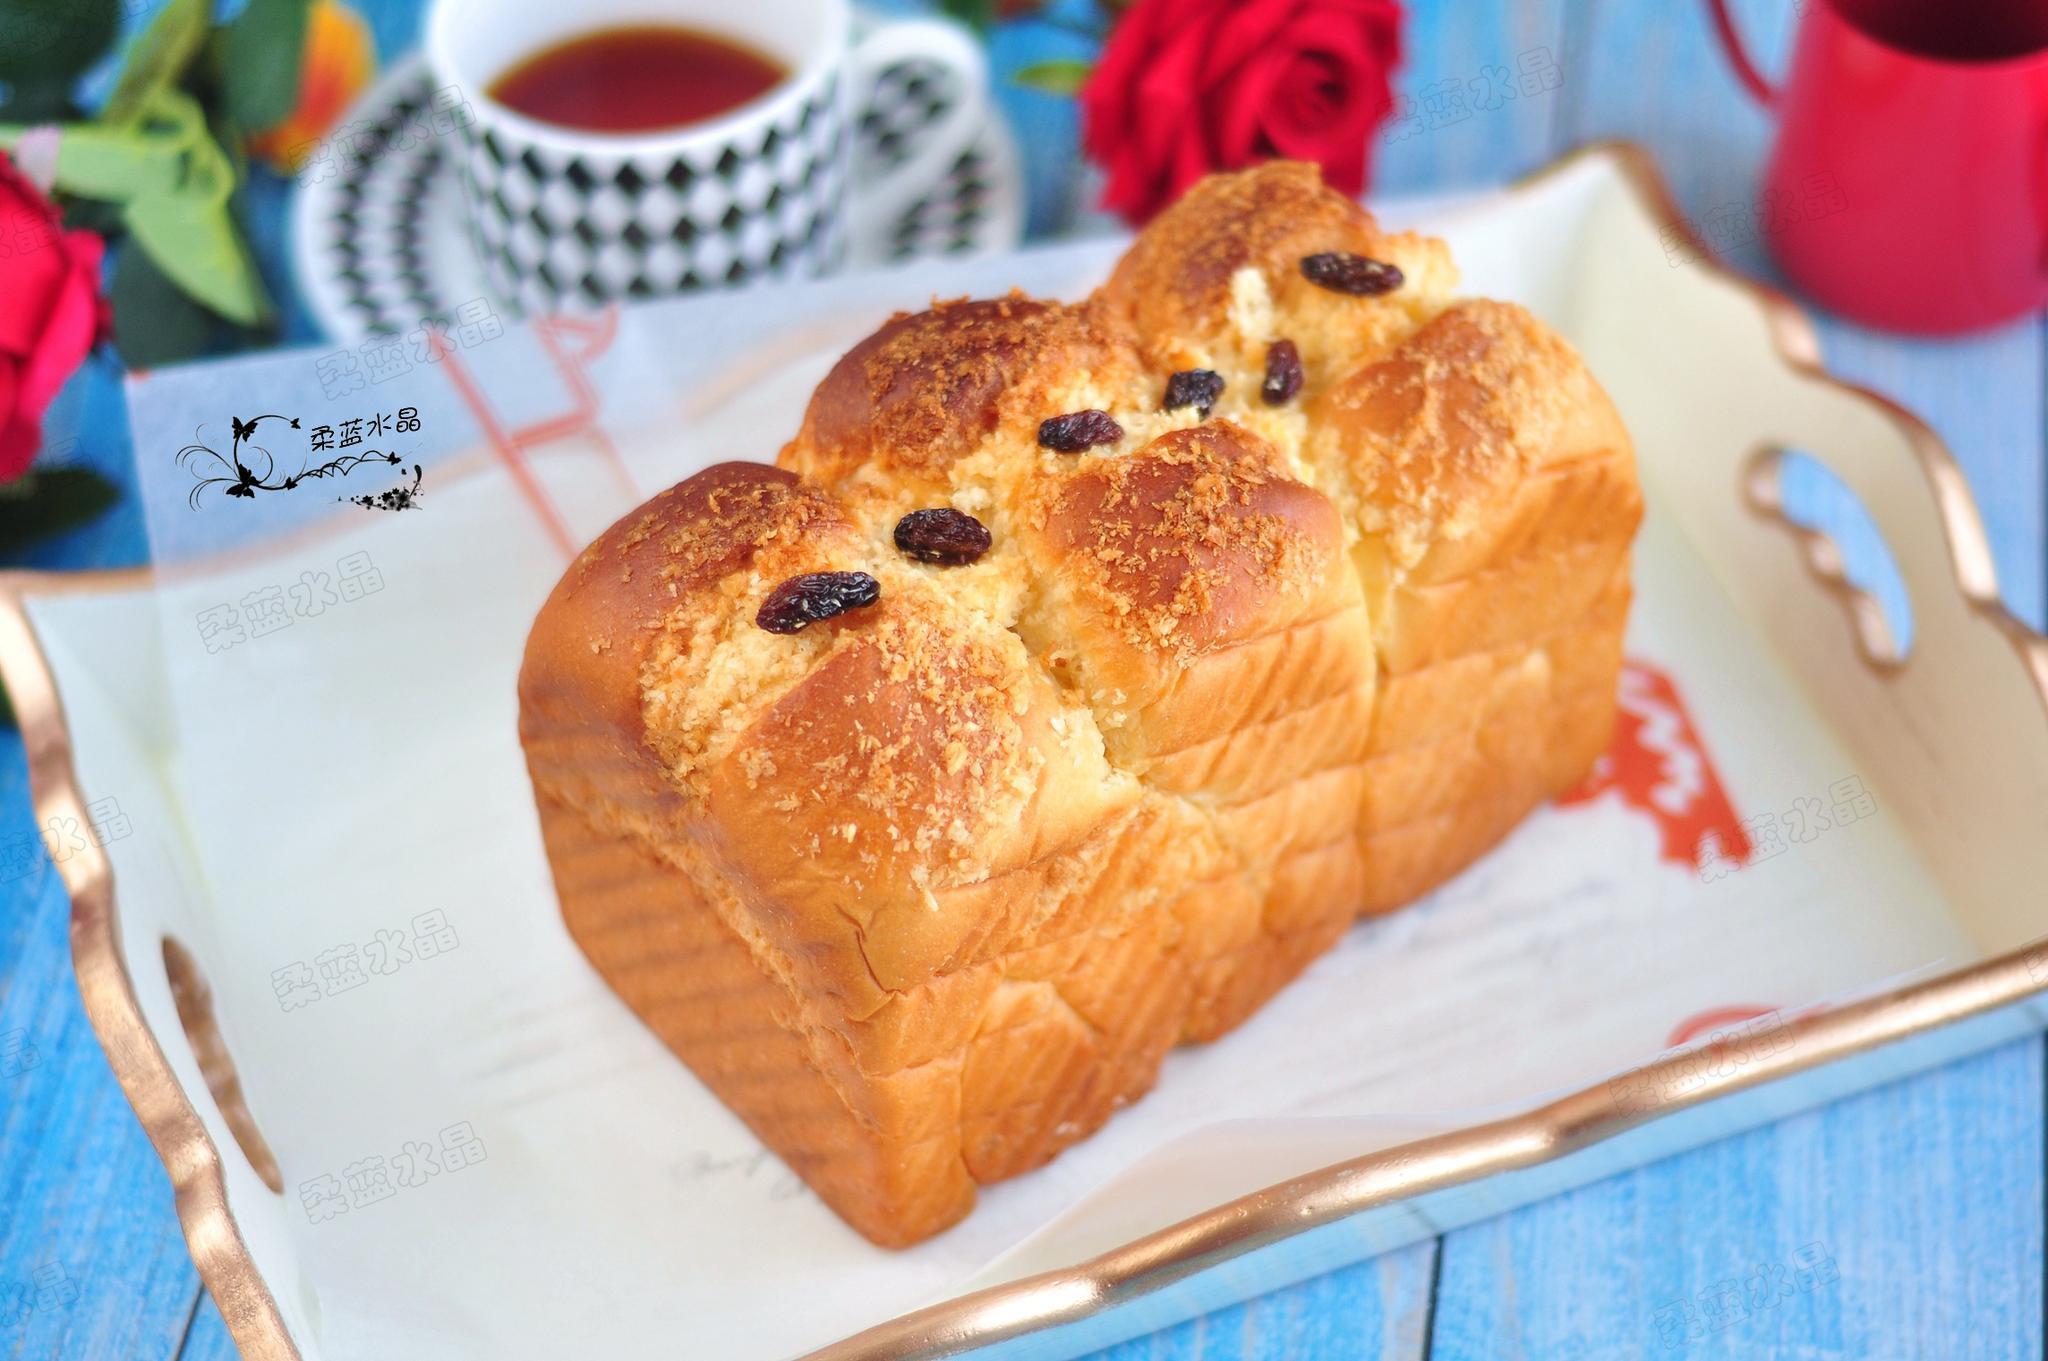 自家做面包没有添加剂和香精,给孩子吃也放心,最适合当早餐!